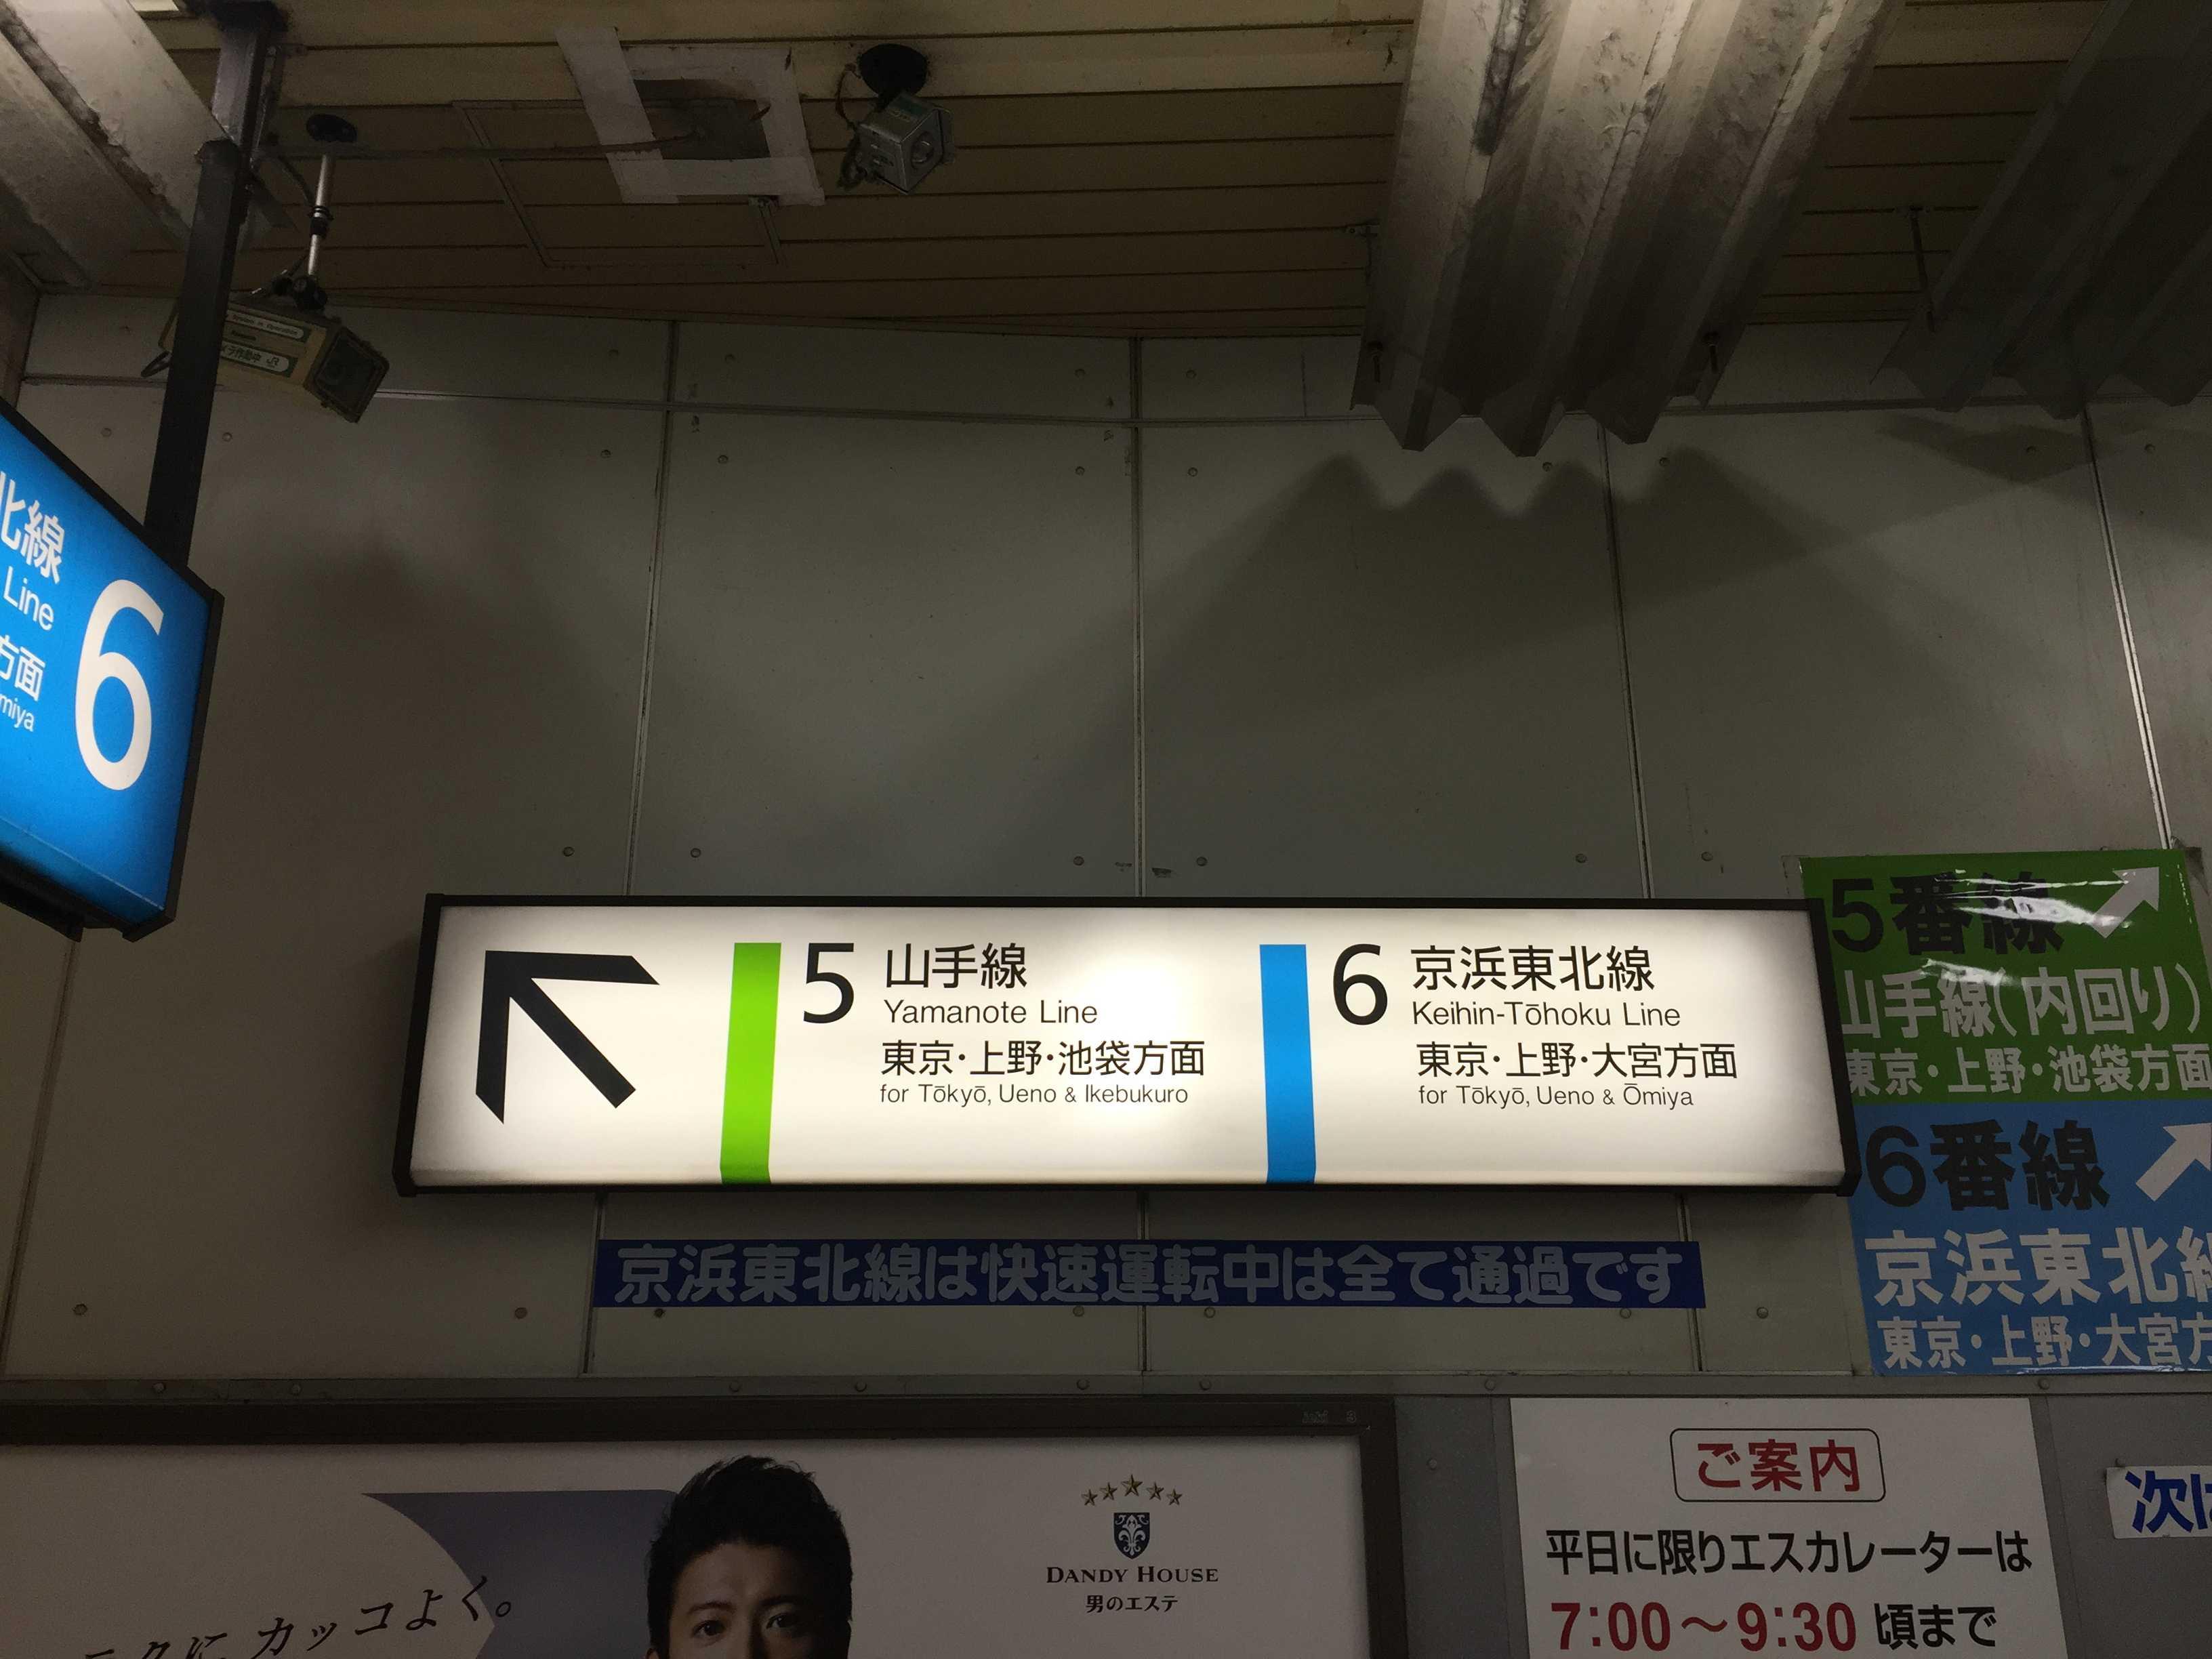 山手線・京浜東北線